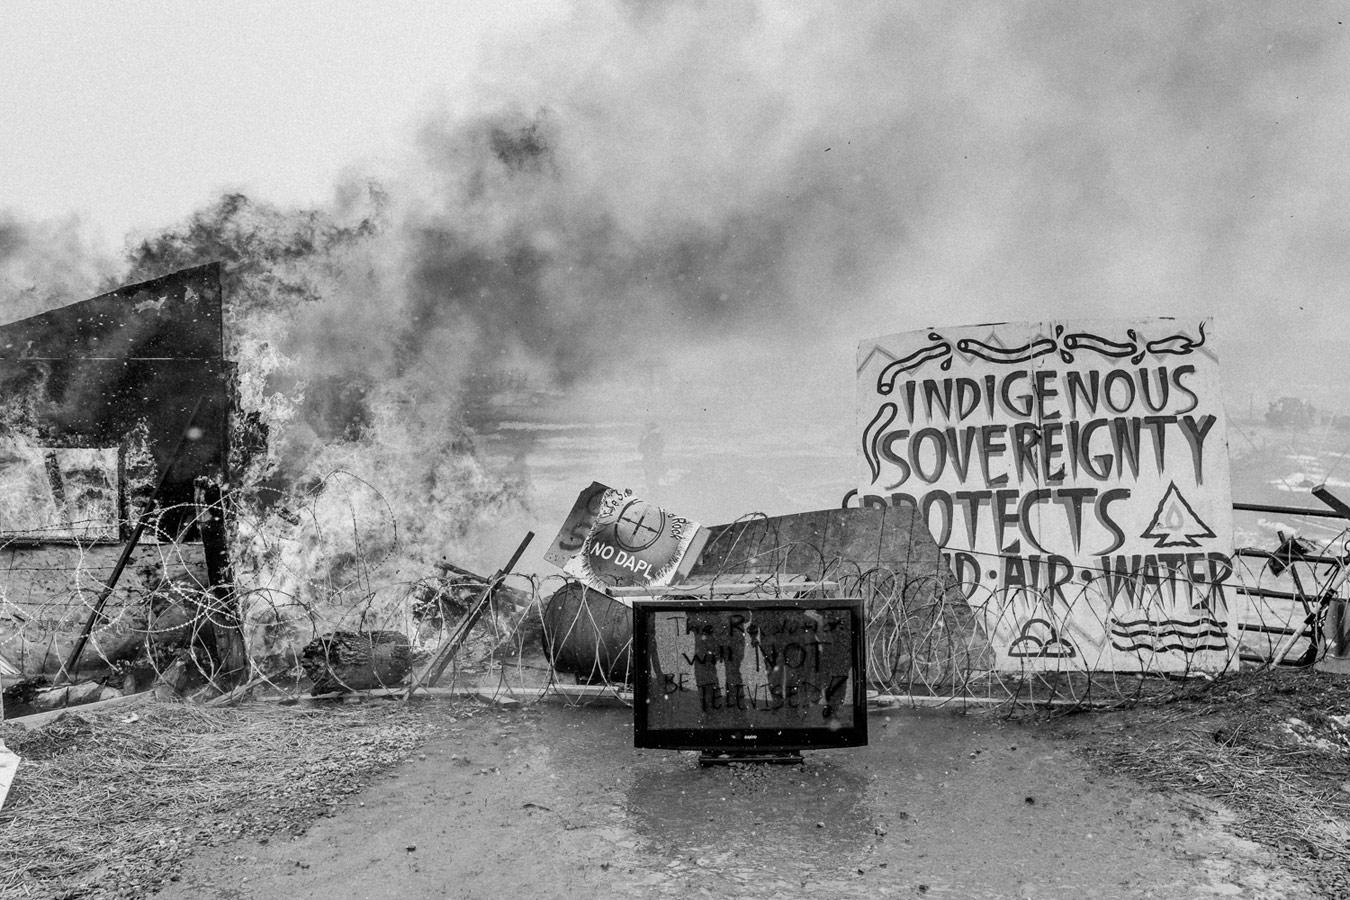 © Жозуэ Ривас, Книжная премия FotoEvidence совместно с World Press Photo